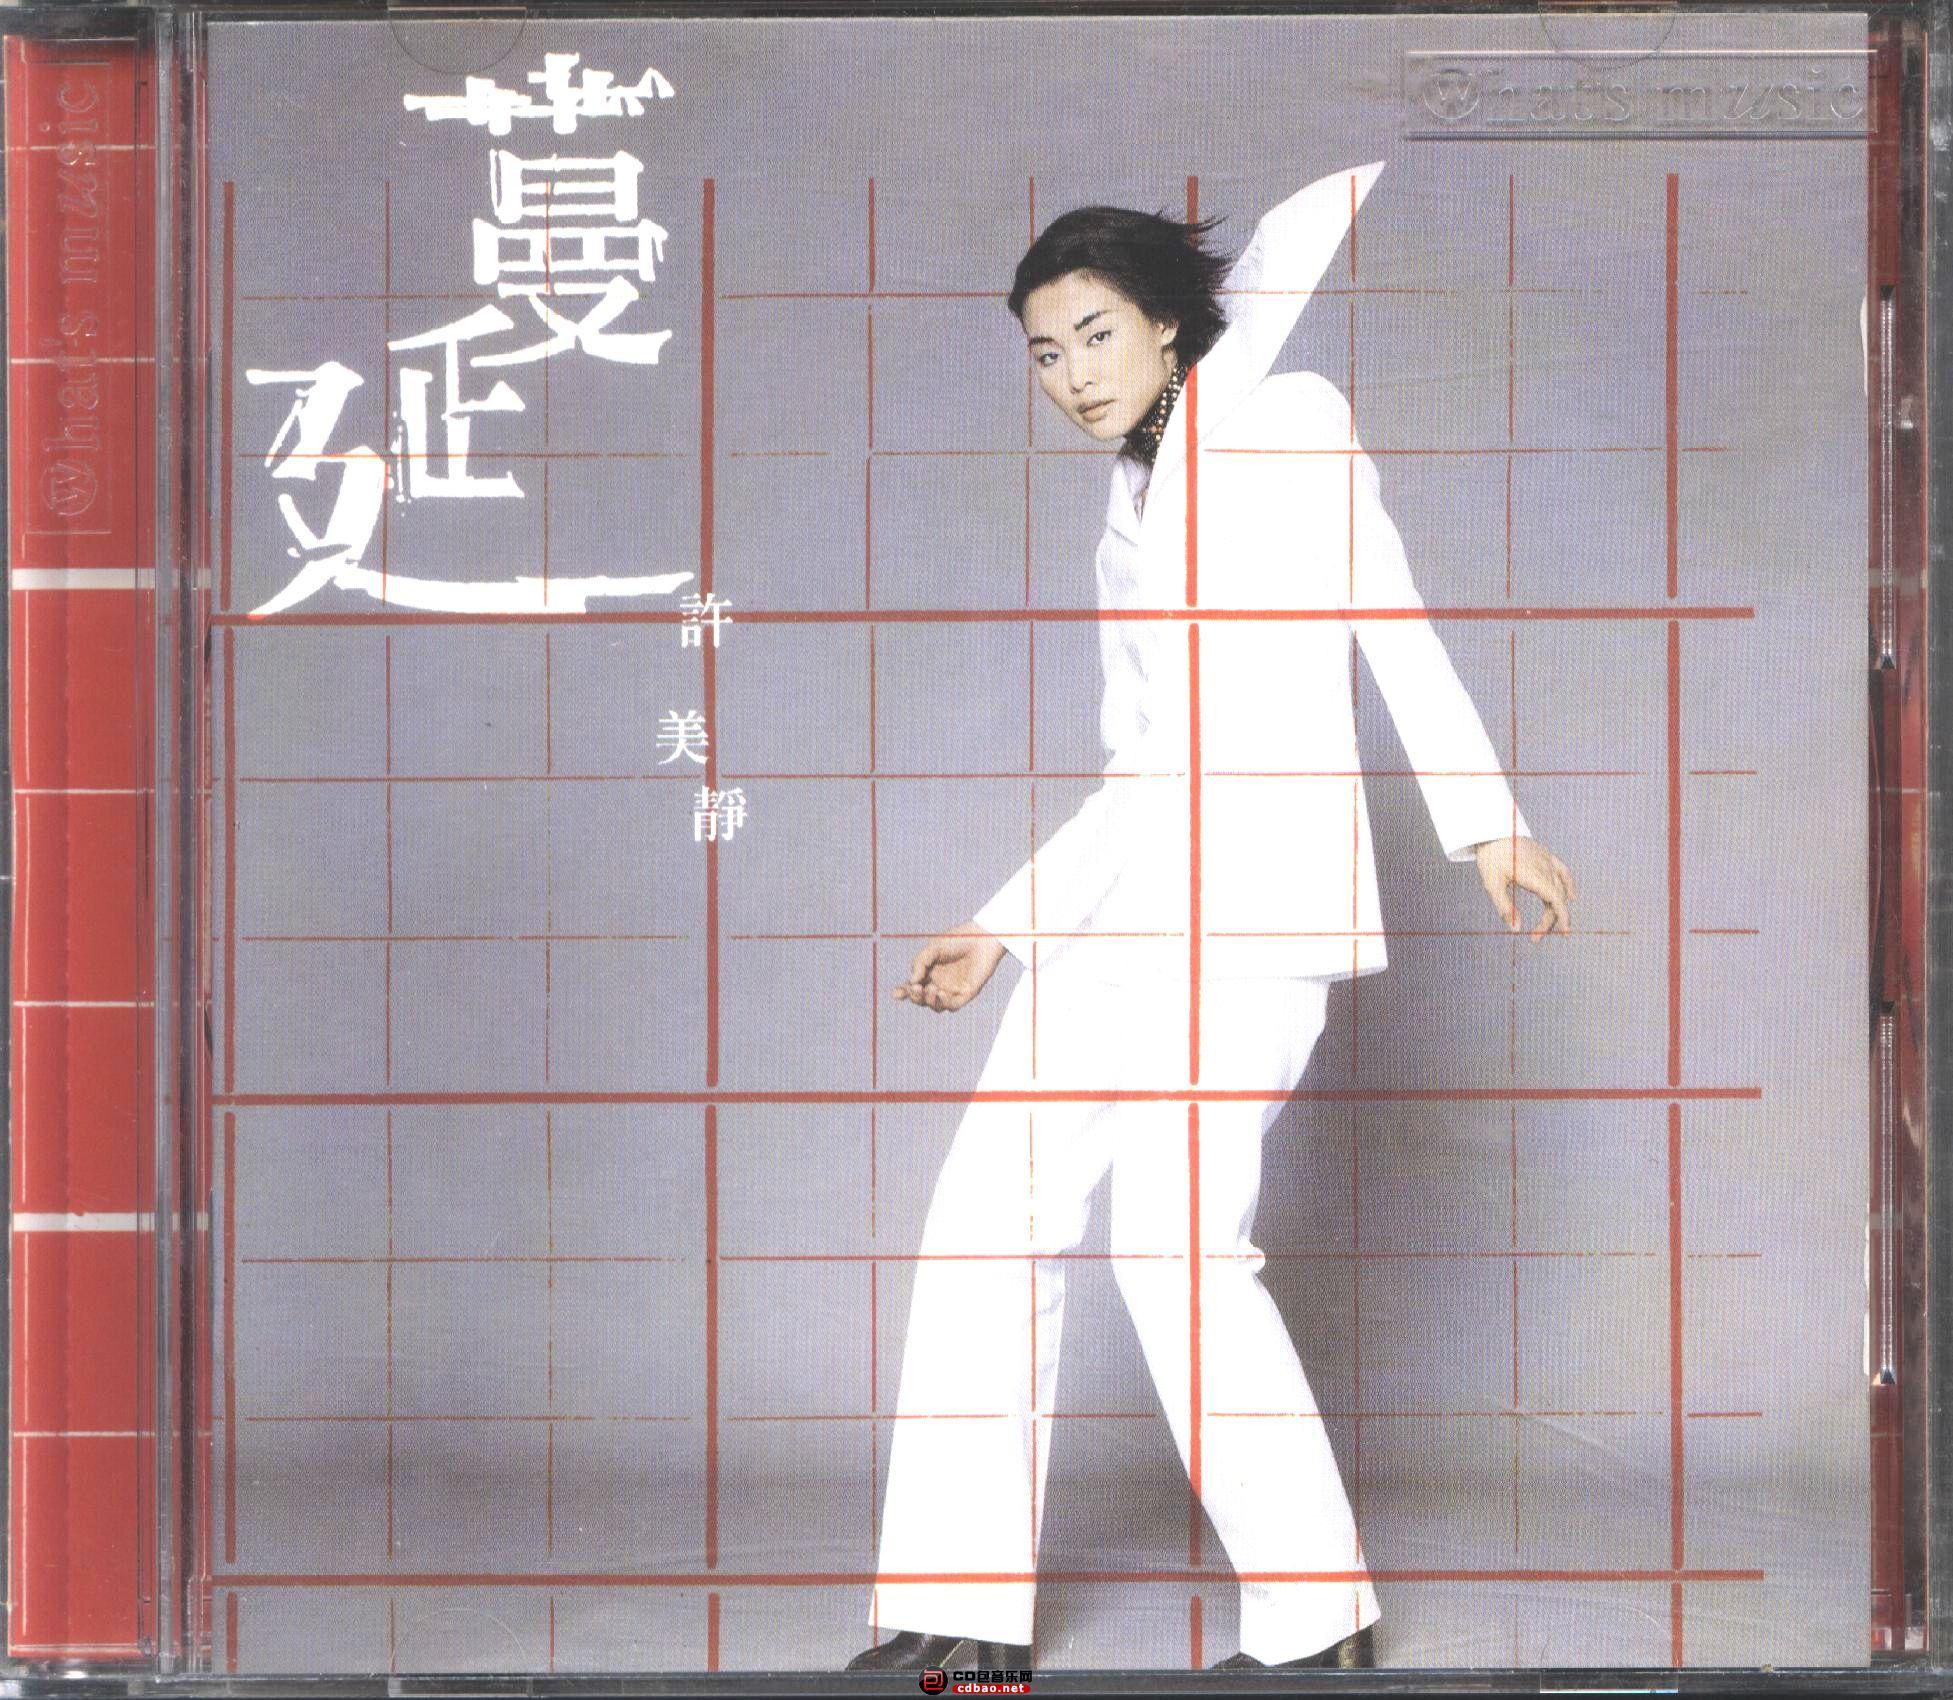 许美静 - 蔓延 002.jpg